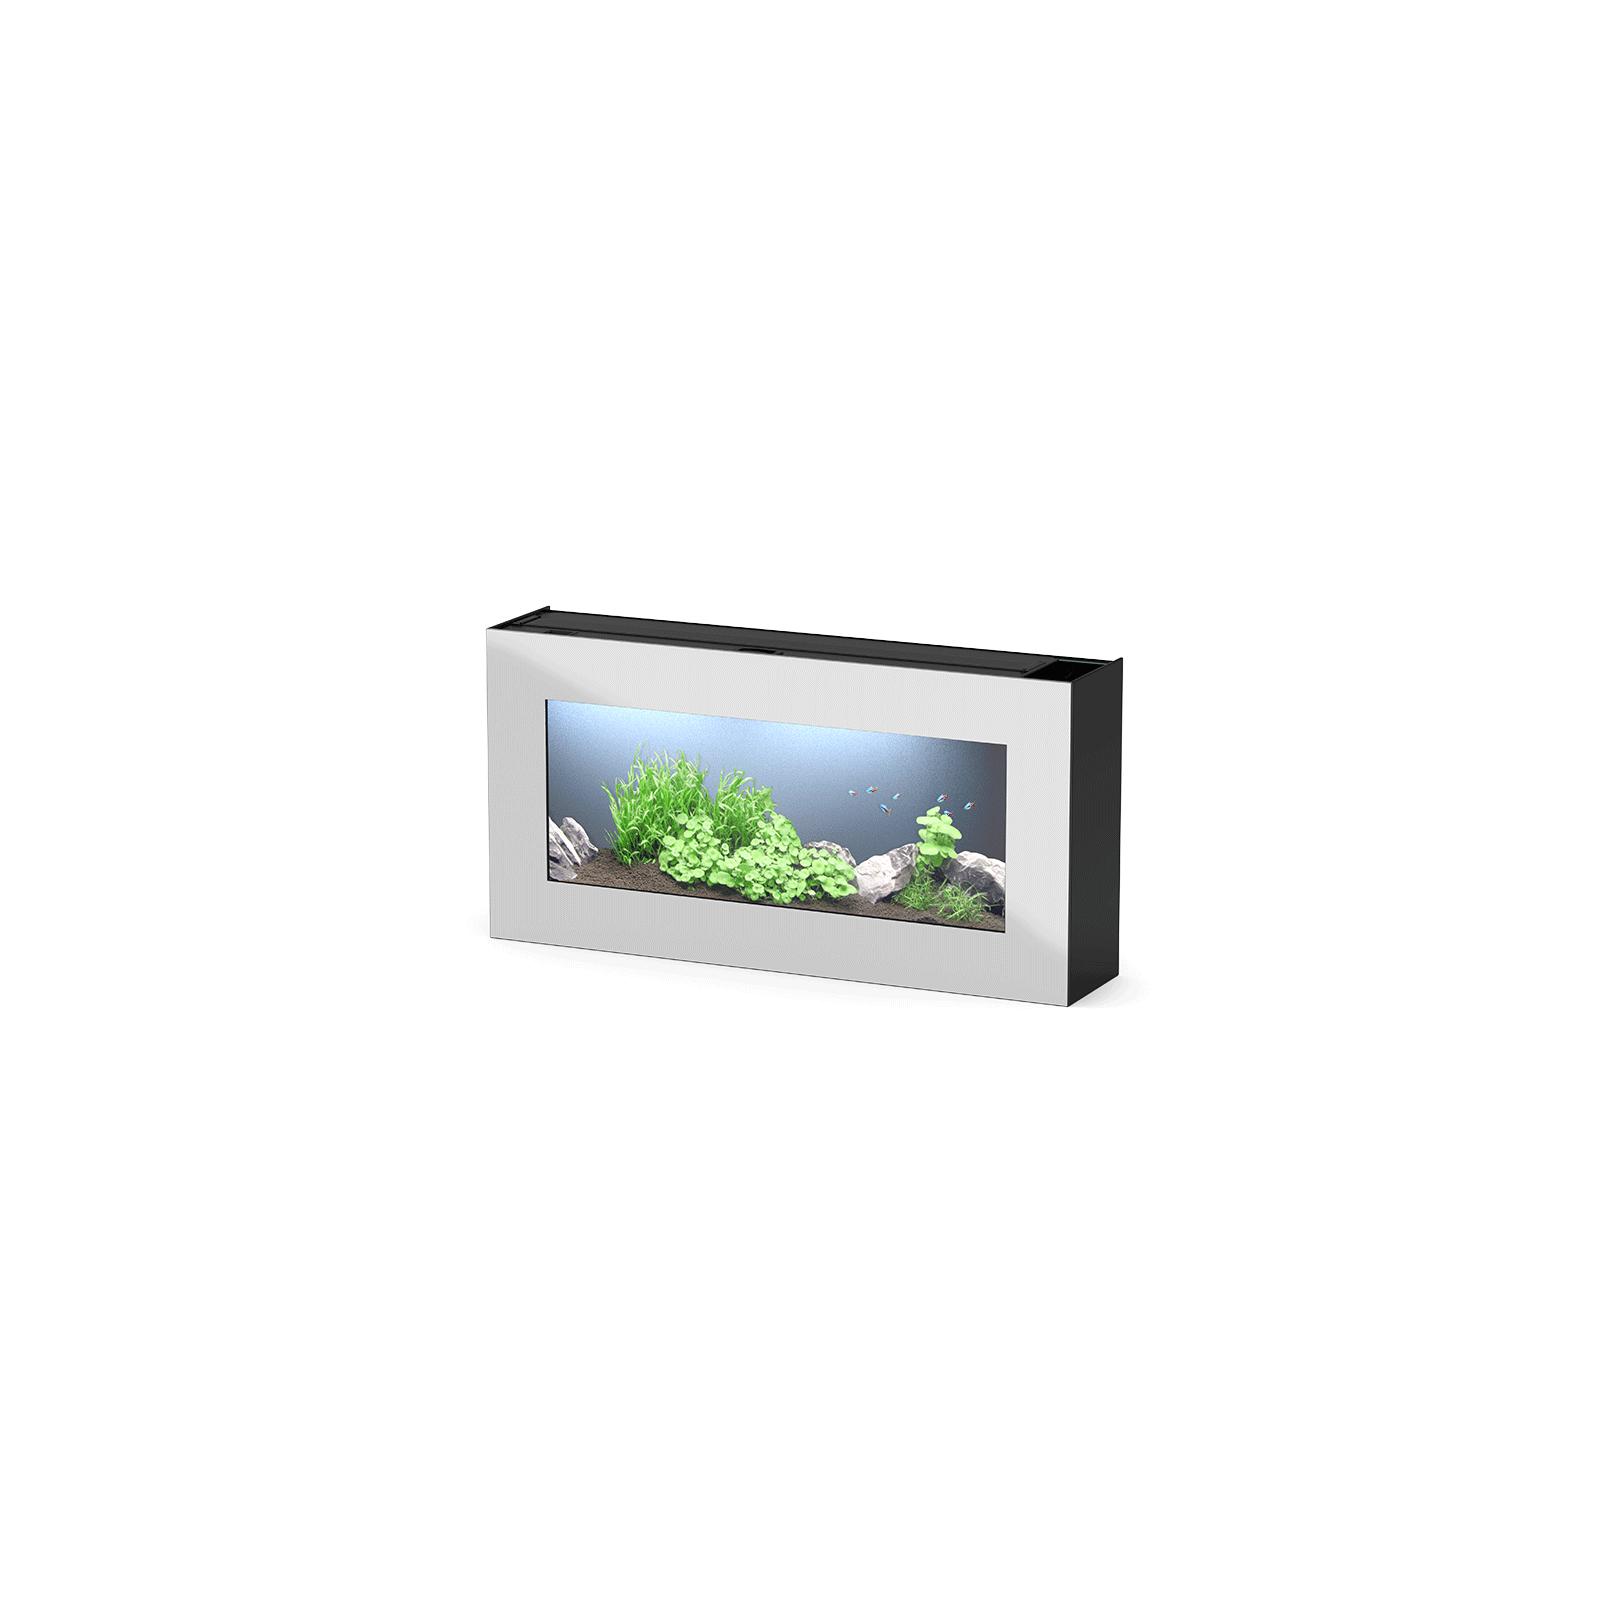 Aquatlantis Aquaplasma 95, Barva Bílá